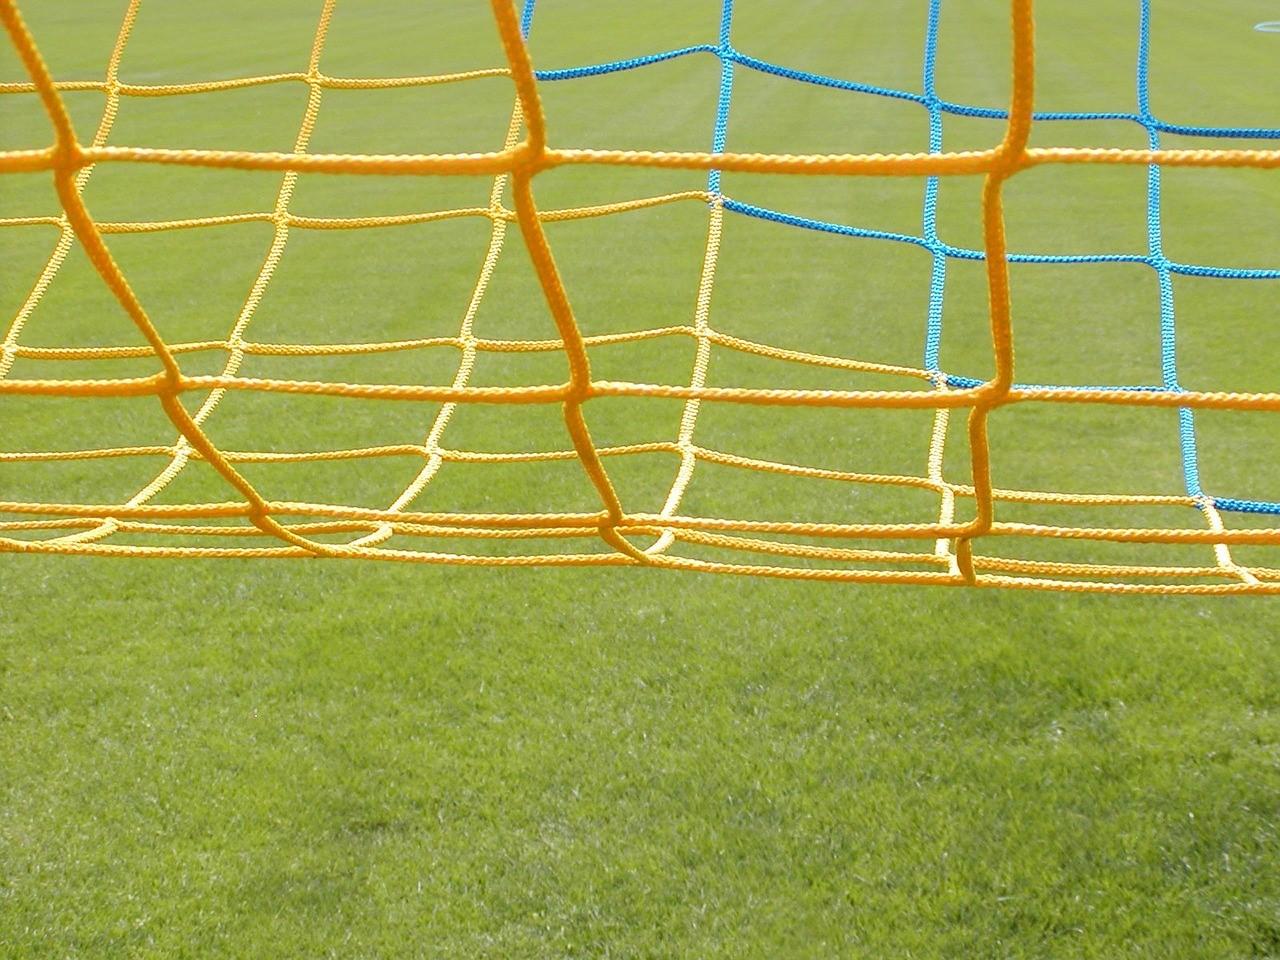 compra de grama sintética para quadra society – futebol-grama